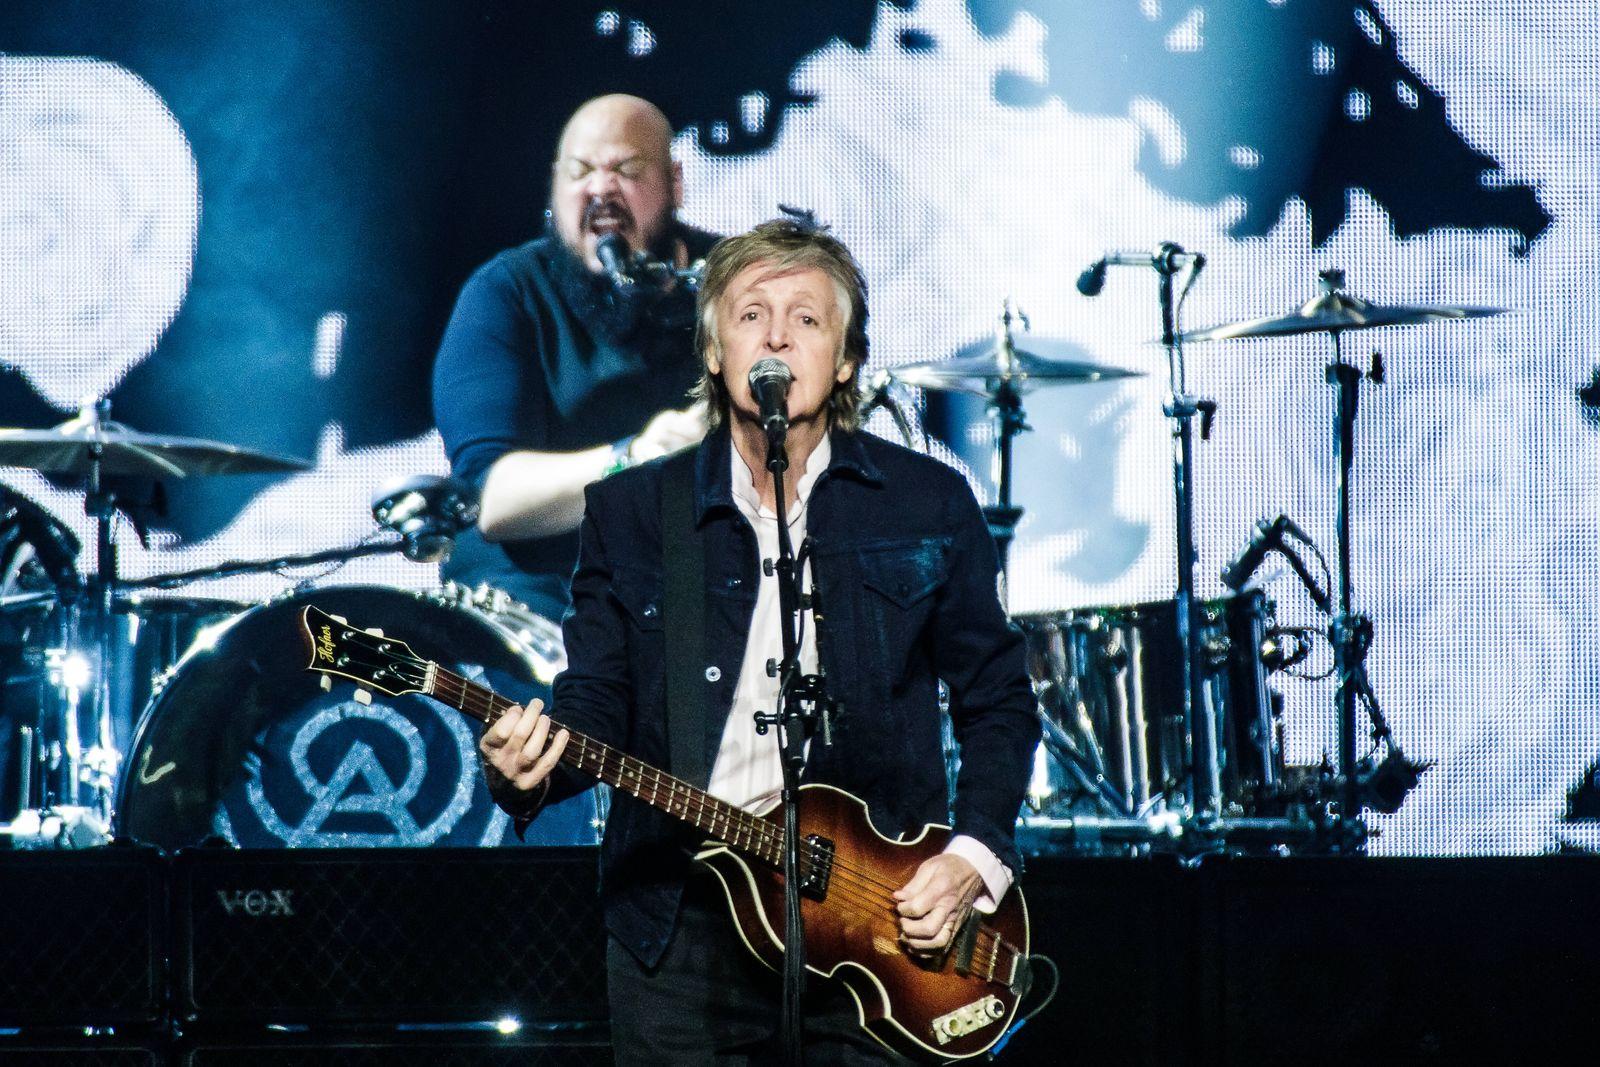 Paul McCartney live in Copenhagen, Denmark Denmark, Copenhagen - November 30, 2018. Paul McCartney, the English singer,